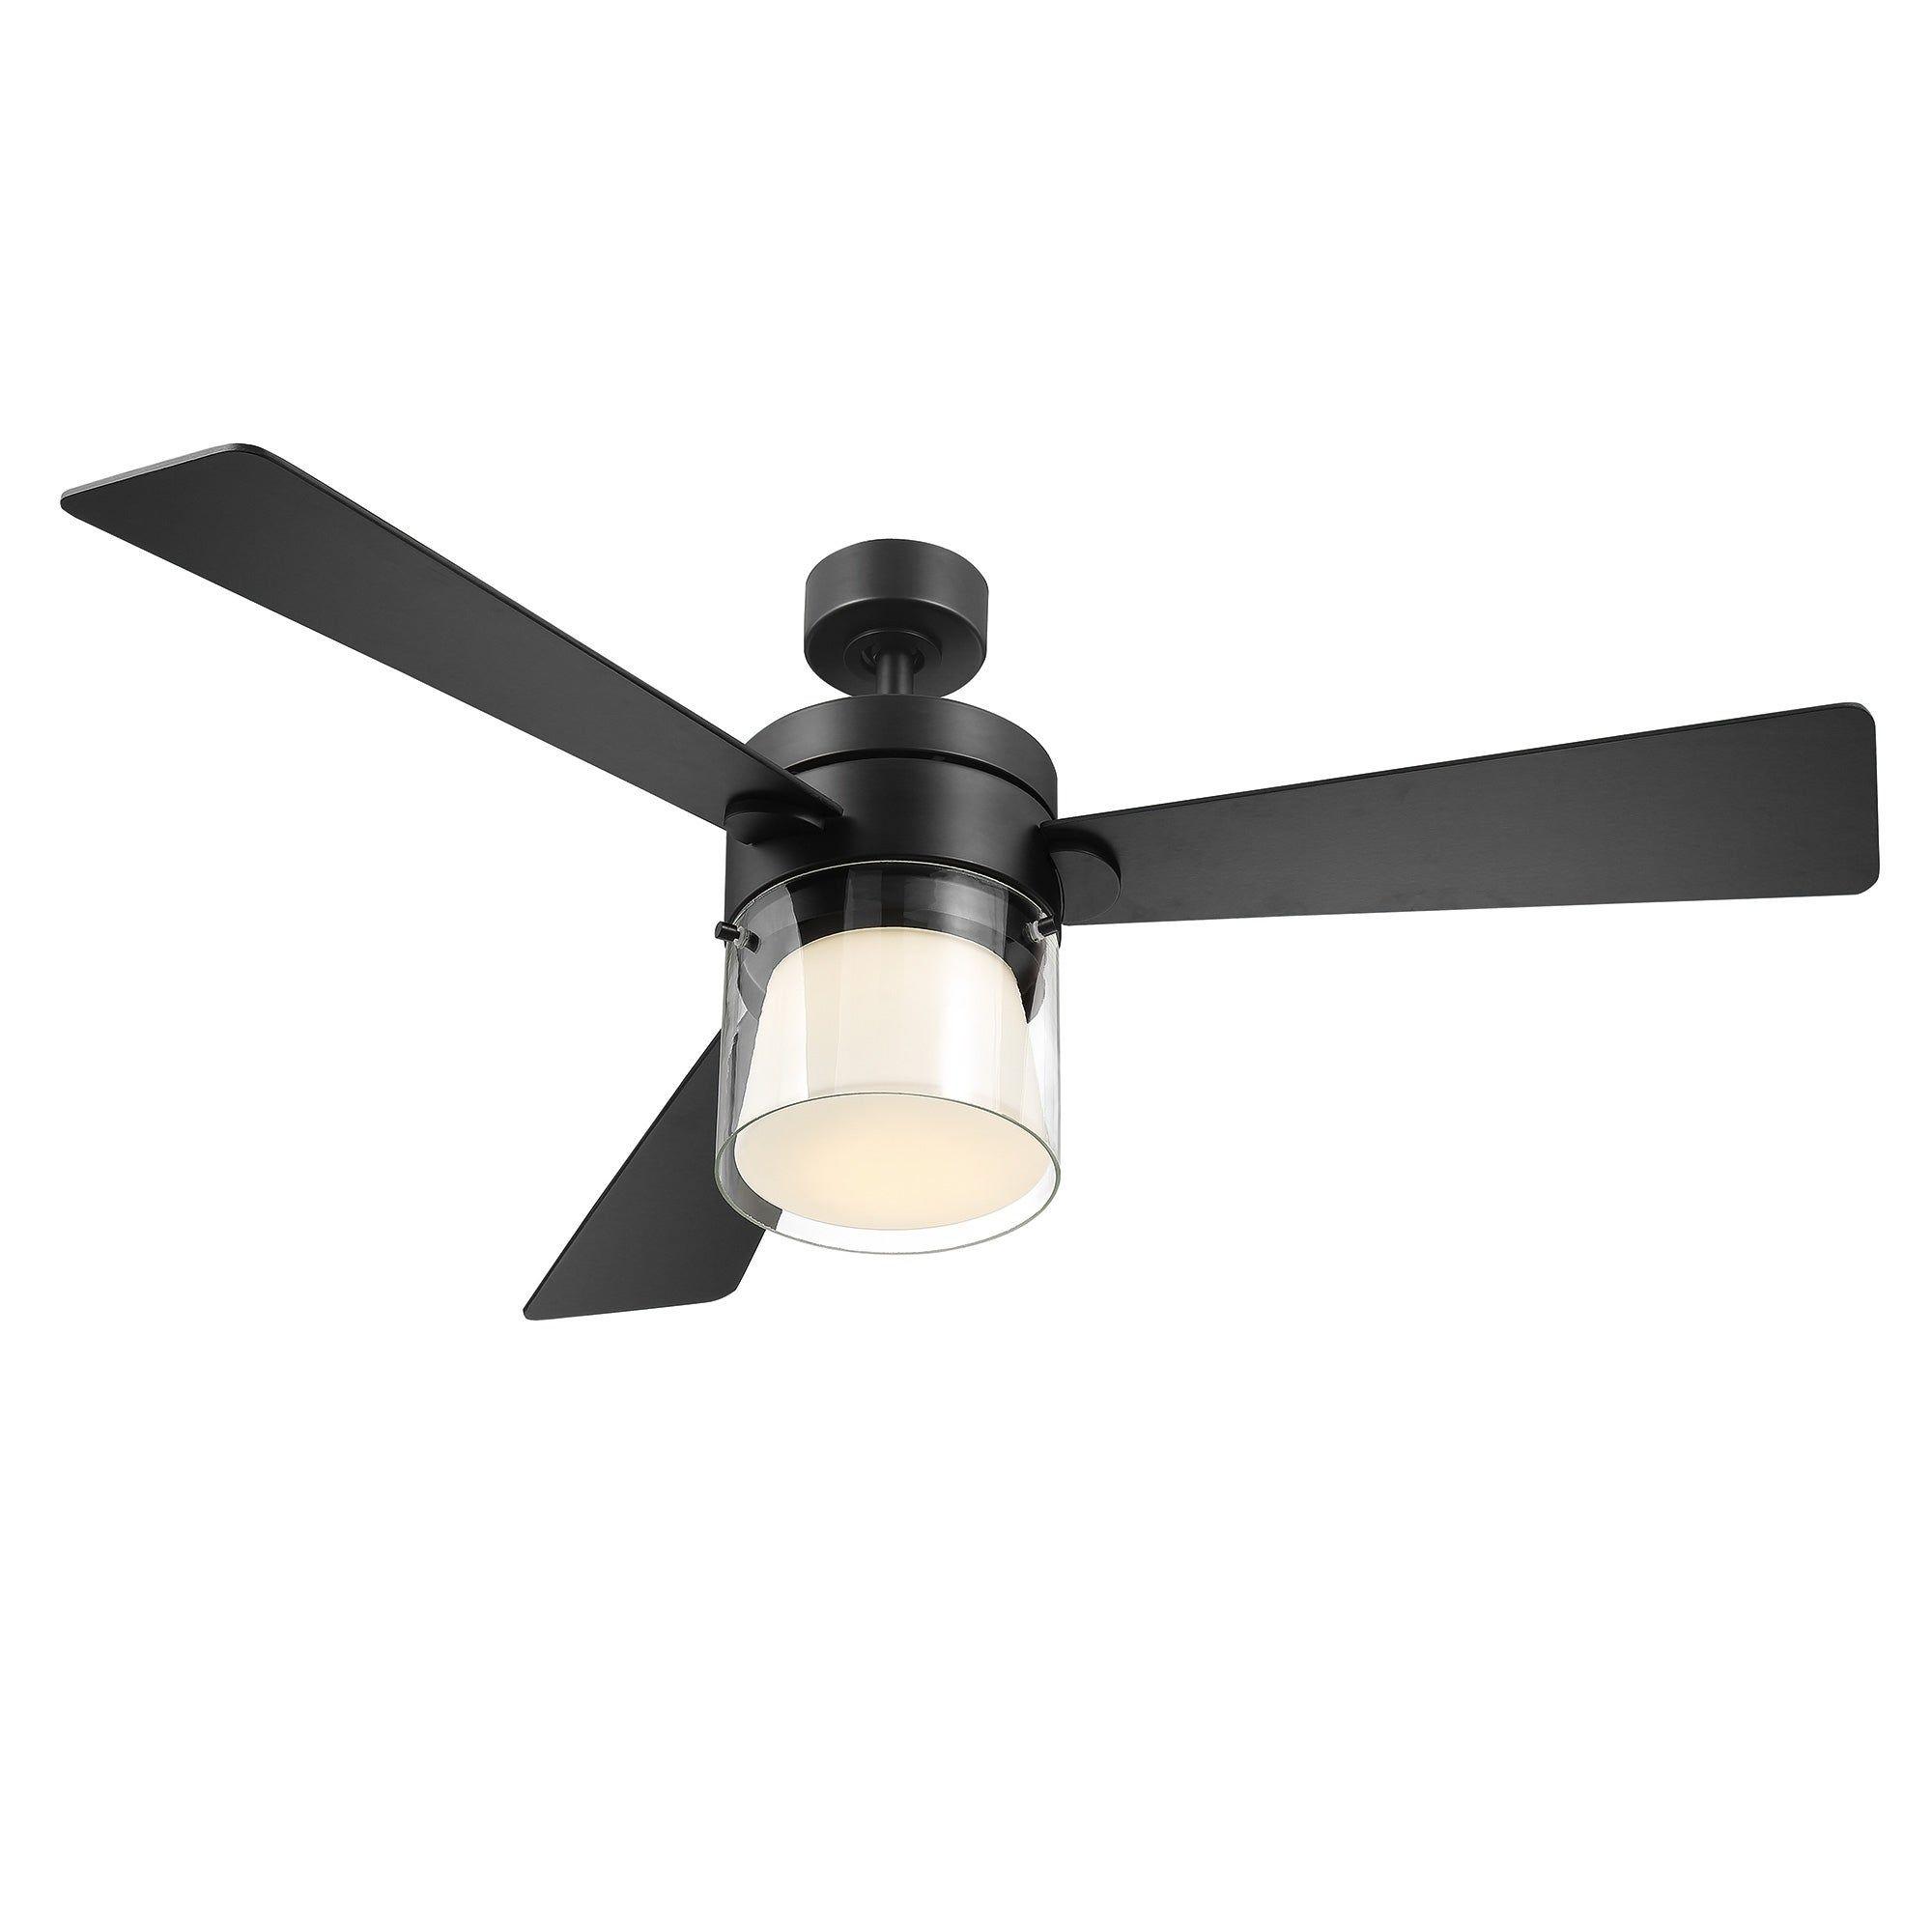 Eglo Casou 52 Inch 3 Blade Ceiling Fan